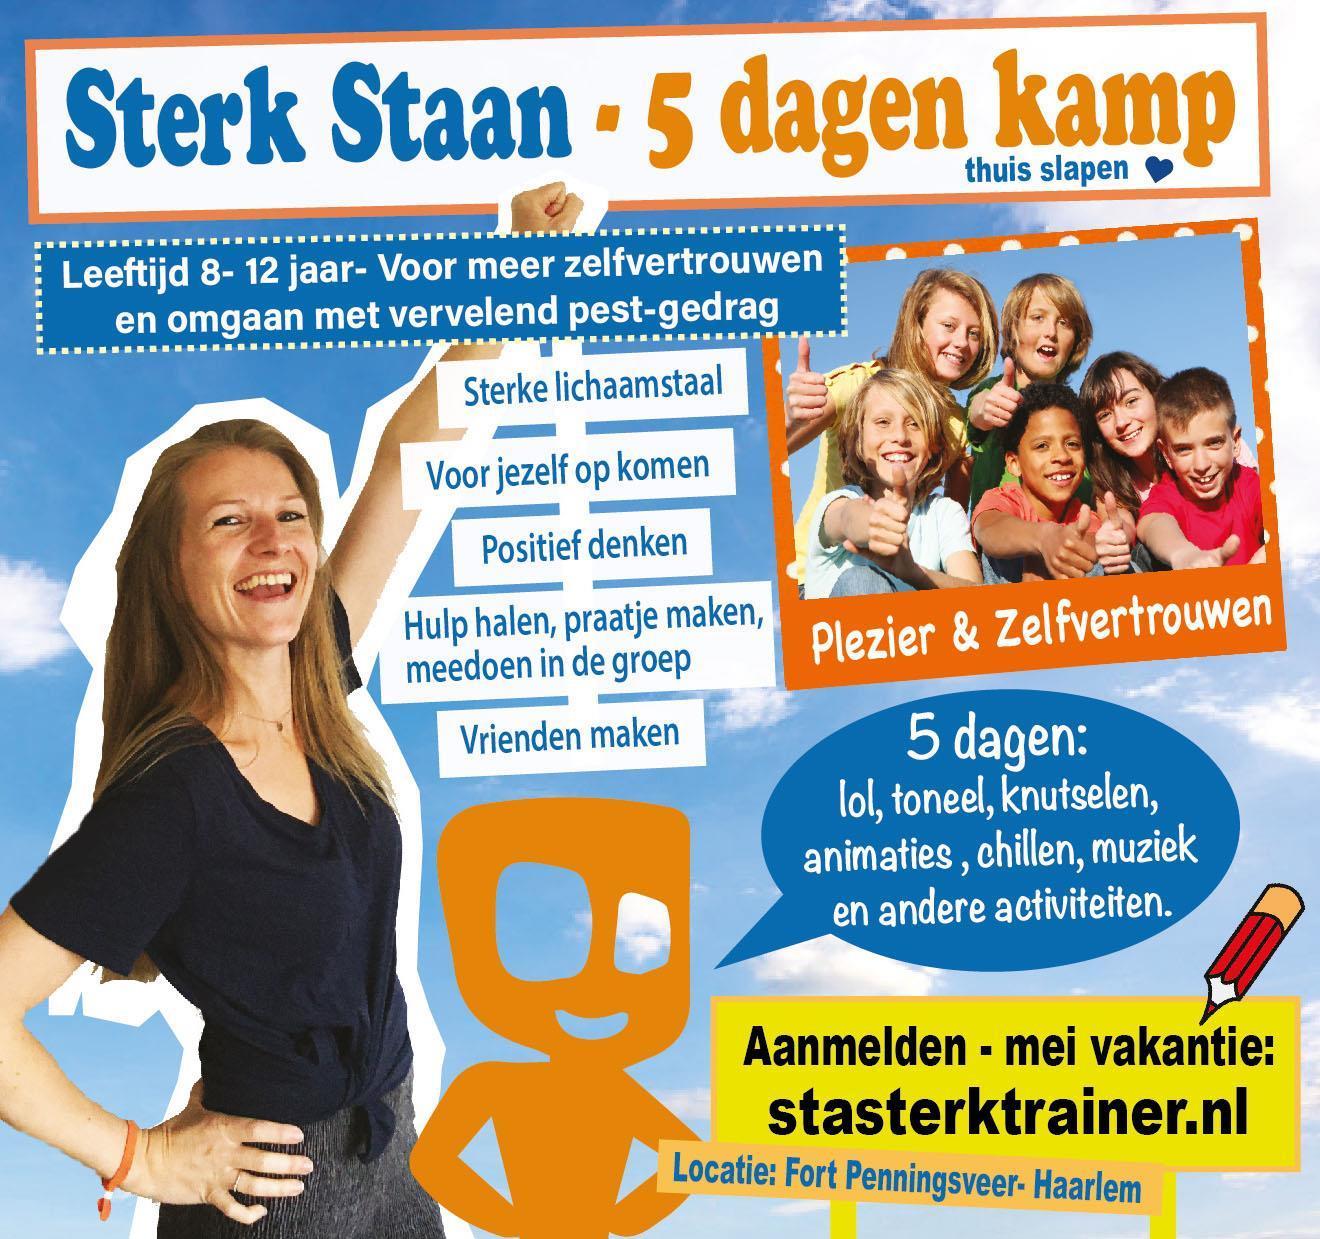 Sta Sterk kamp - mei en zomervakantie - leer omgaan met pesten en krijg meer zelfvertrouwen